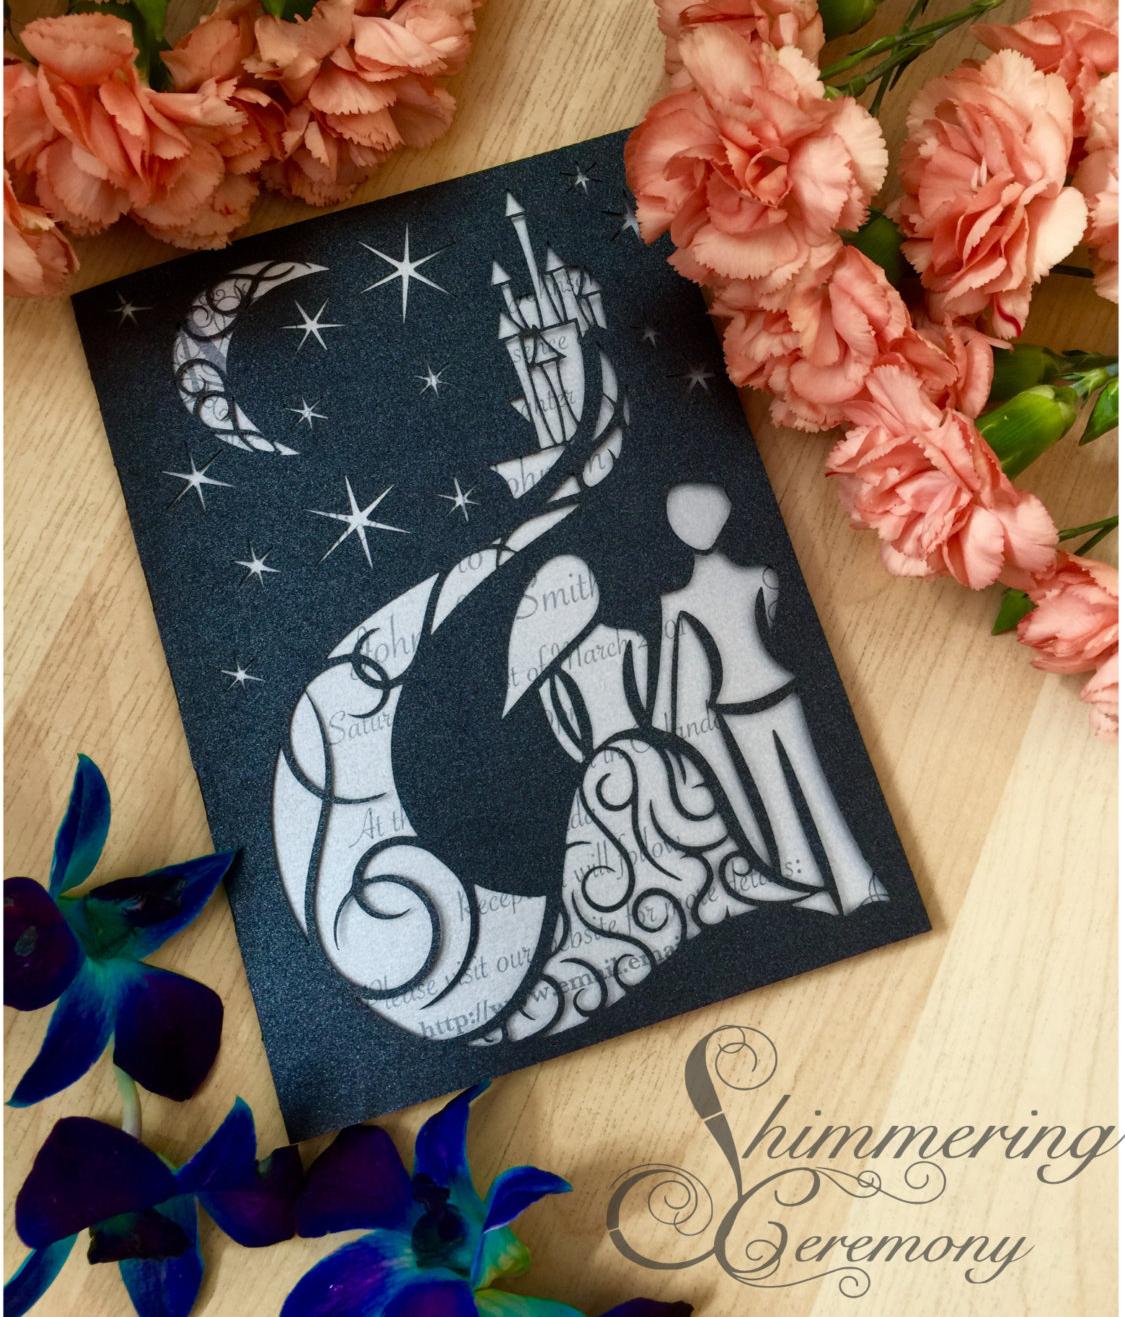 fairytale blue night wedding invitation